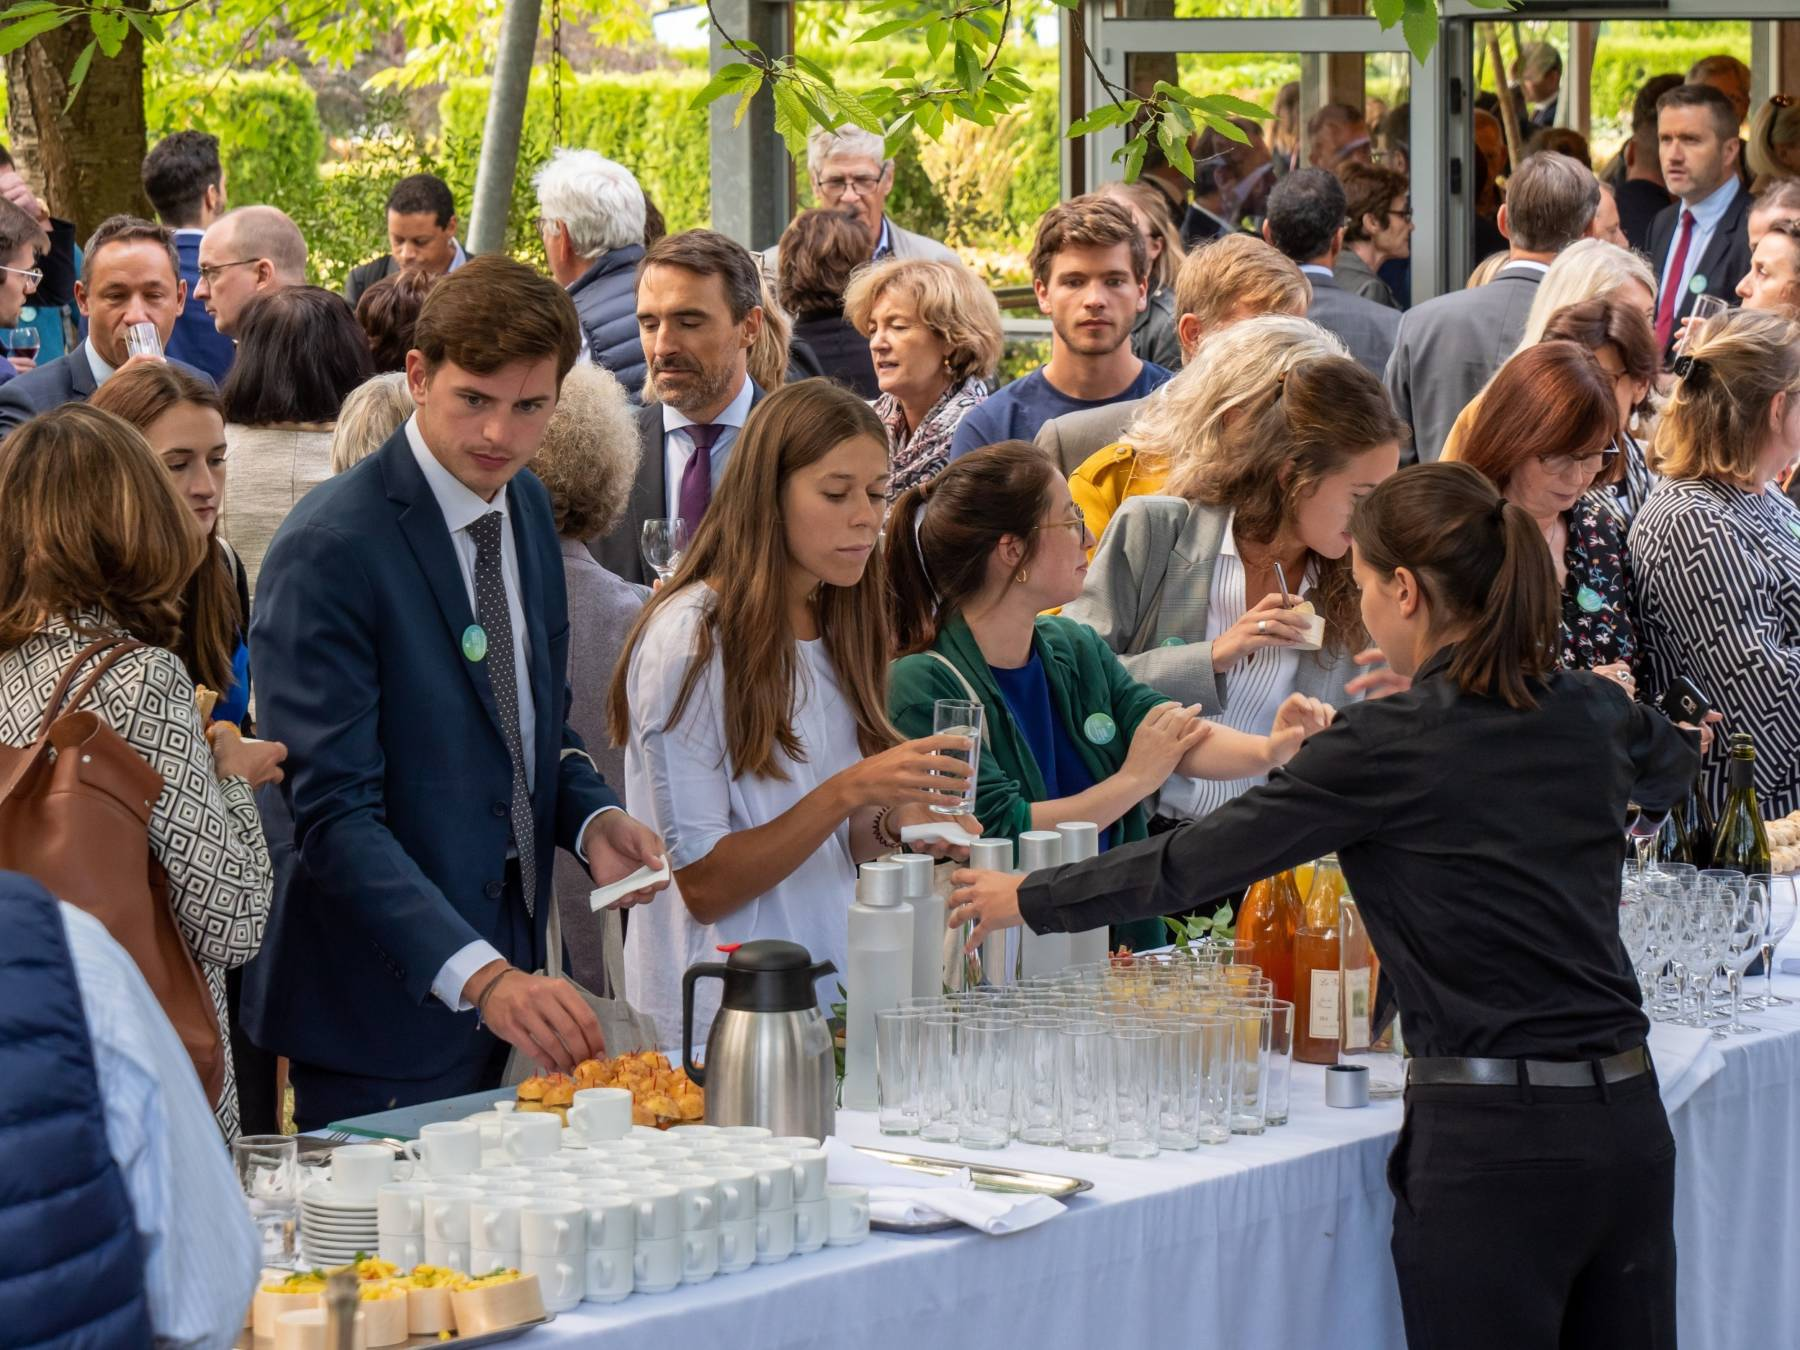 Le musée des impressionnismes Giverny vous ouvre ses portes le temps d'un dîner de prestige